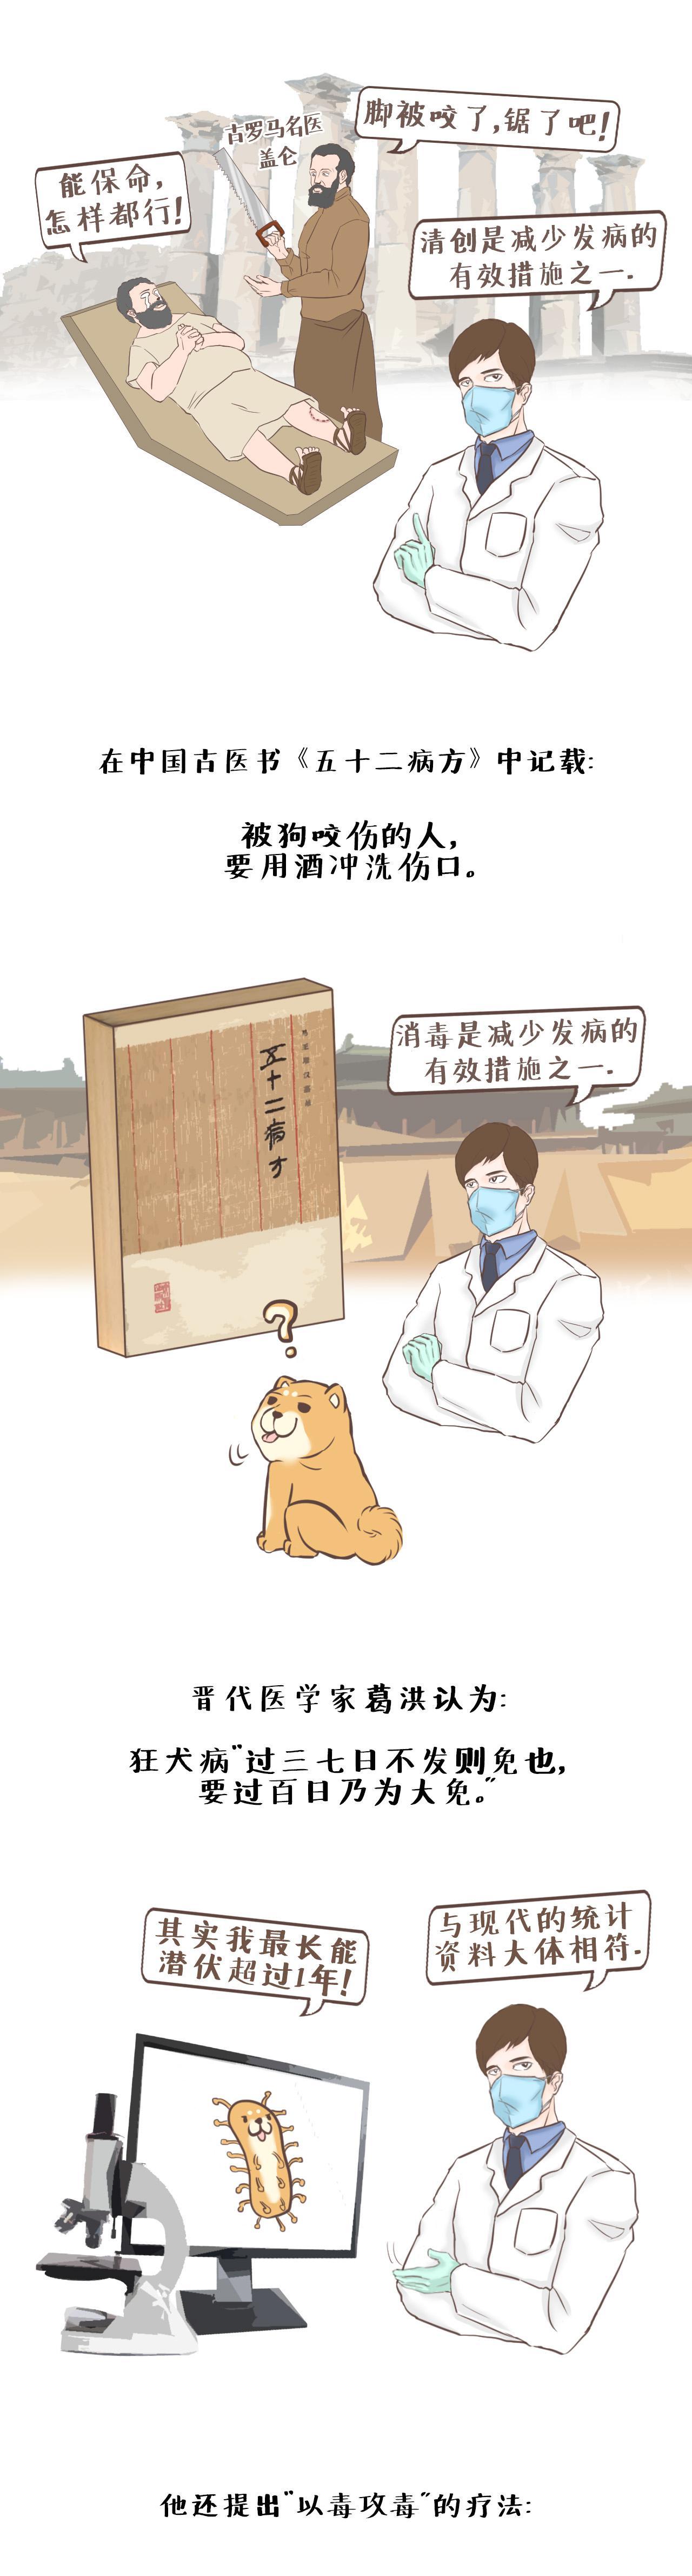 扑杀狂犬,接种疫苗,人类与狗的4000年搏斗史